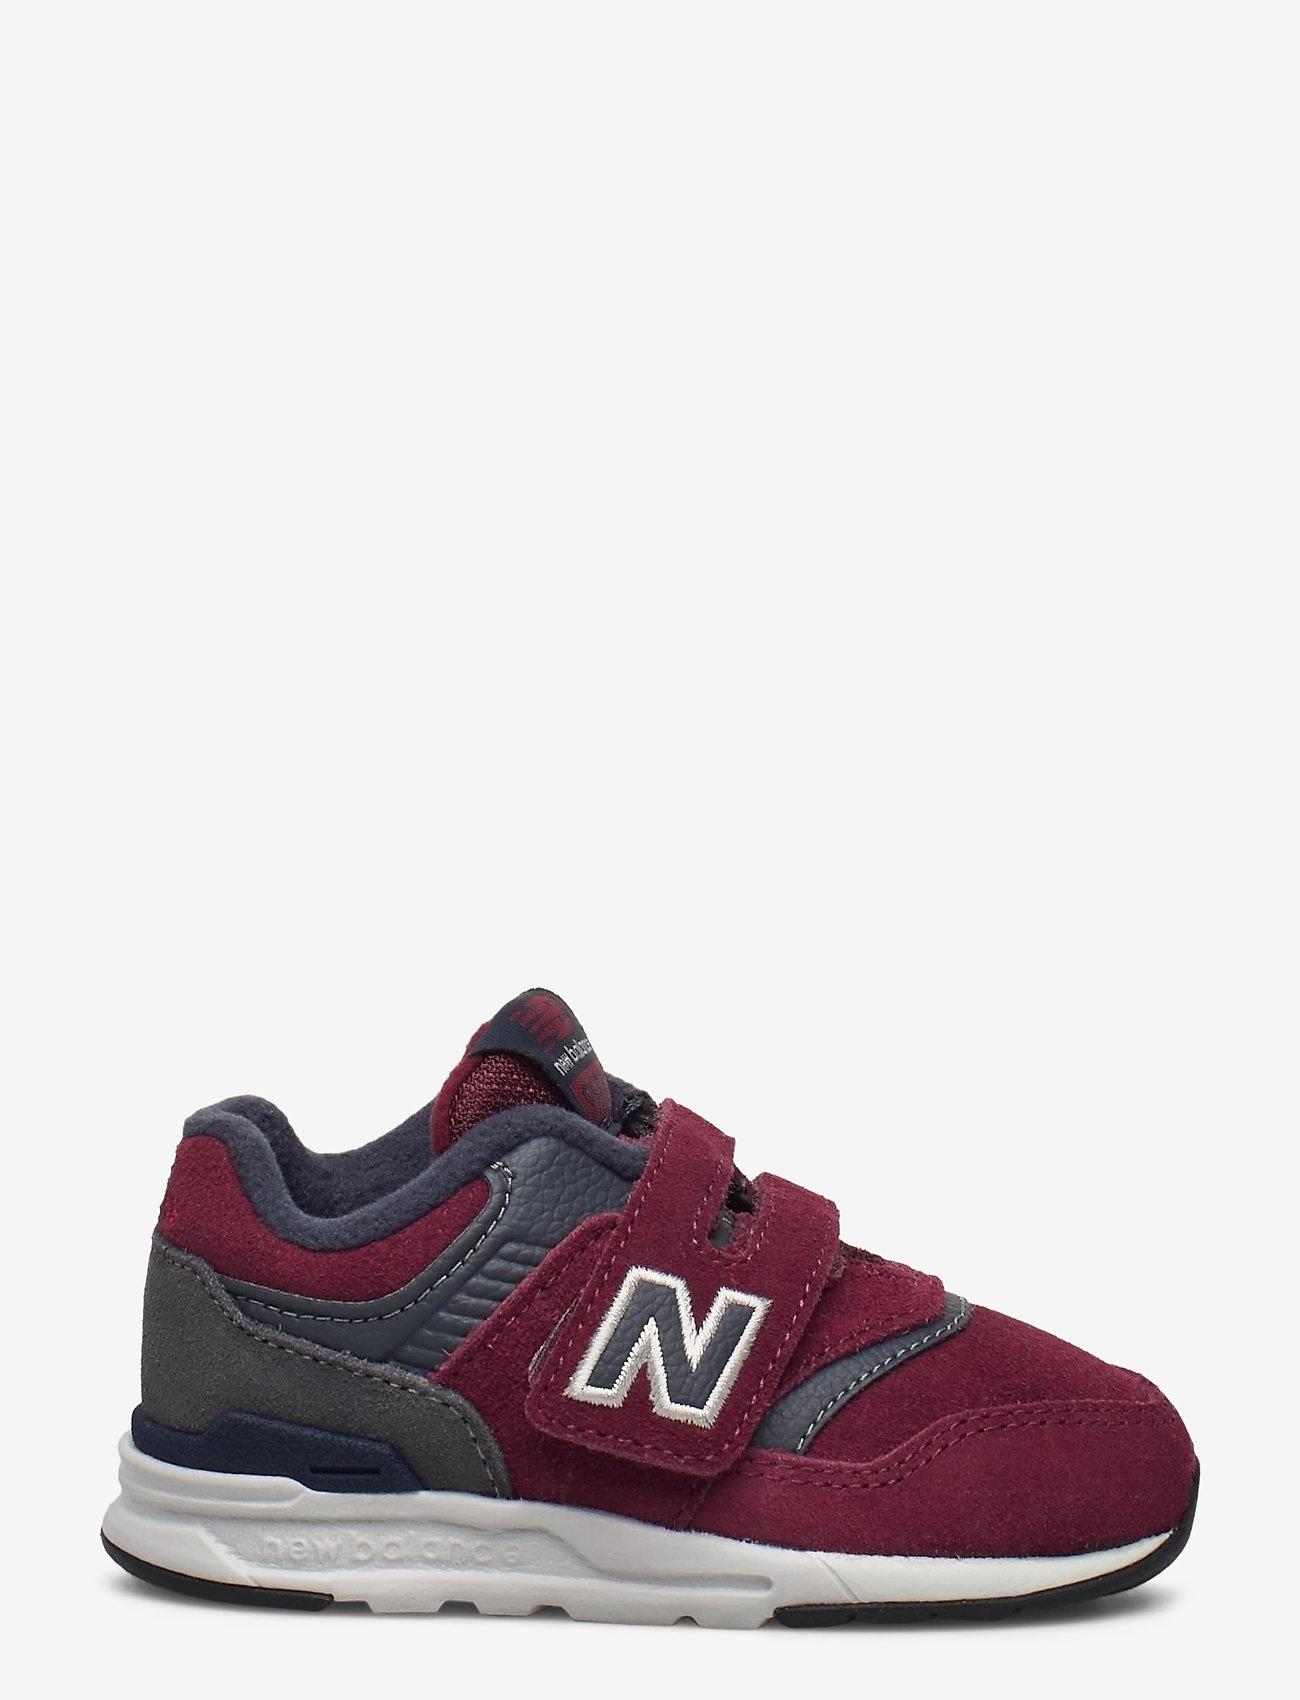 New Balance - IZ997HFV - burgundy - 1